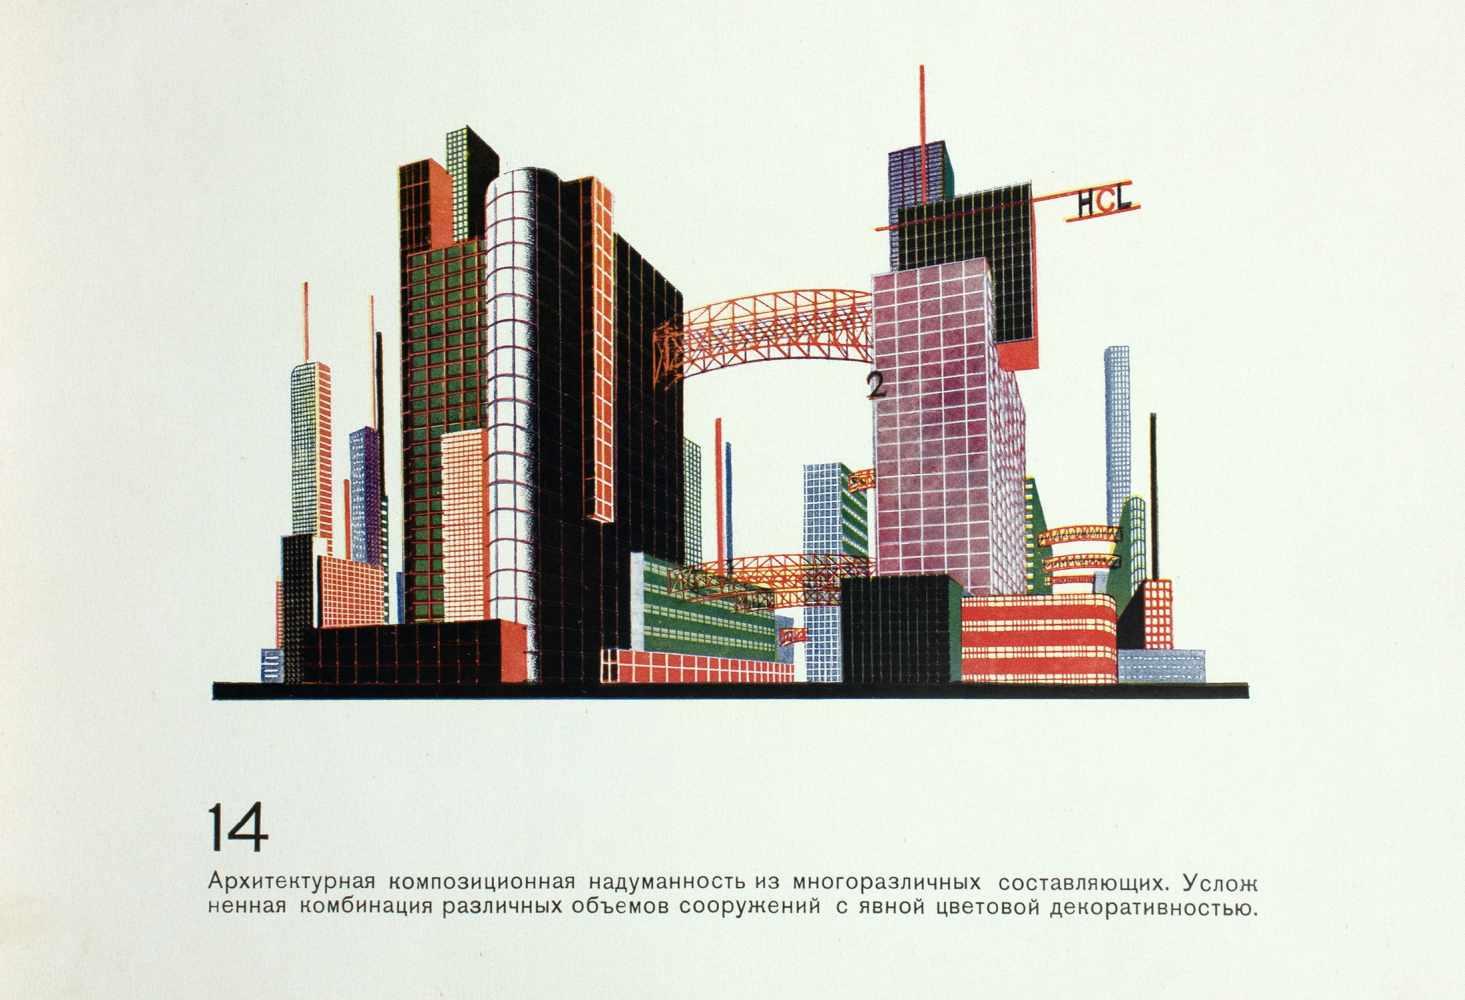 Architektur - Jakob Tschernychow. Architekturnye fantazii. (russisch: Architektonische Fantasien). - Image 3 of 4